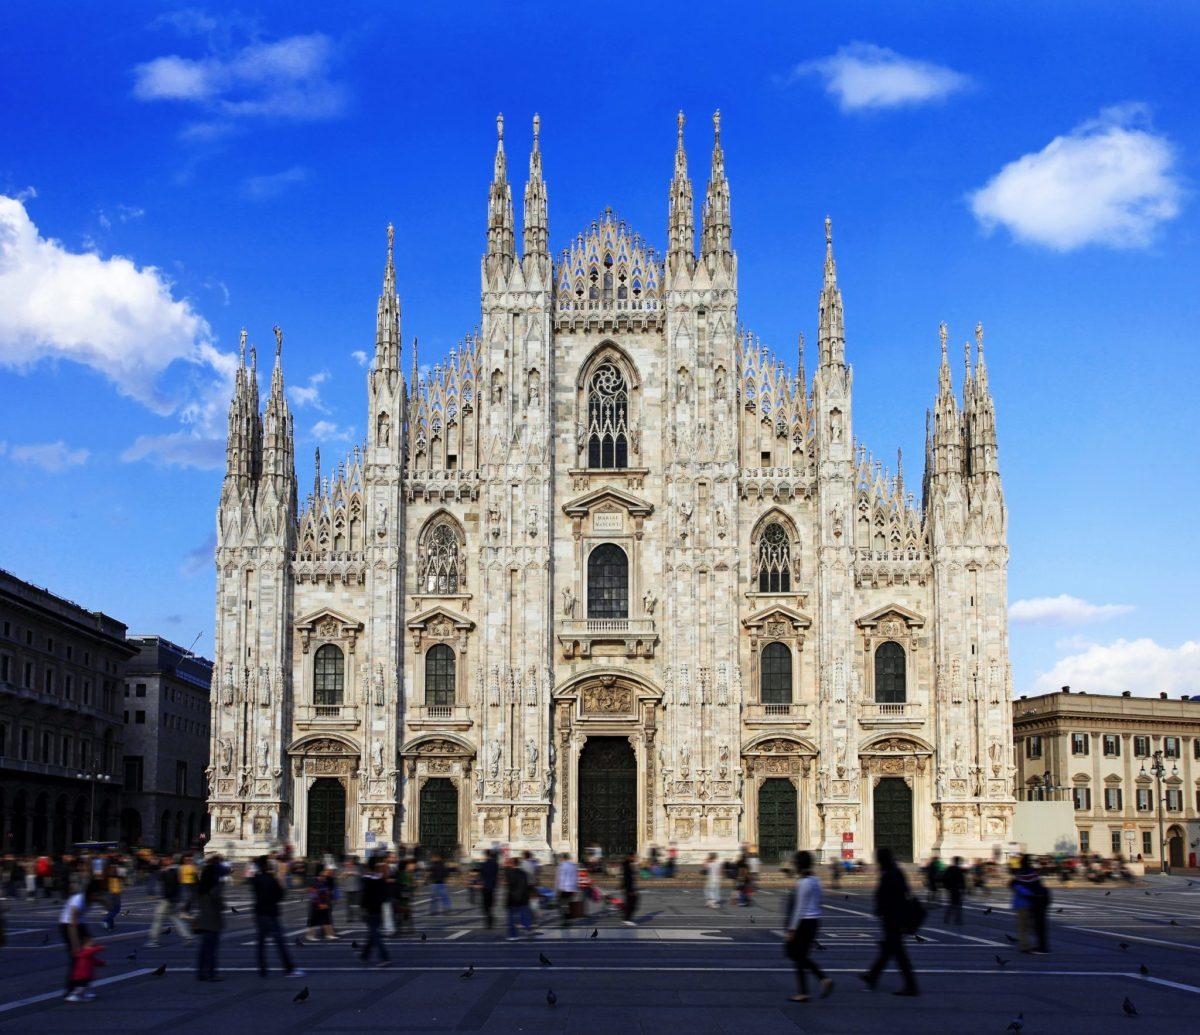 รีวิวขั้นตอนการทำวีซ่าอิตาลี Visa Italy 2019 ด้วยตัวเอง วีซ่าท่องเที่ยว เชงเก้น 14 - Italy